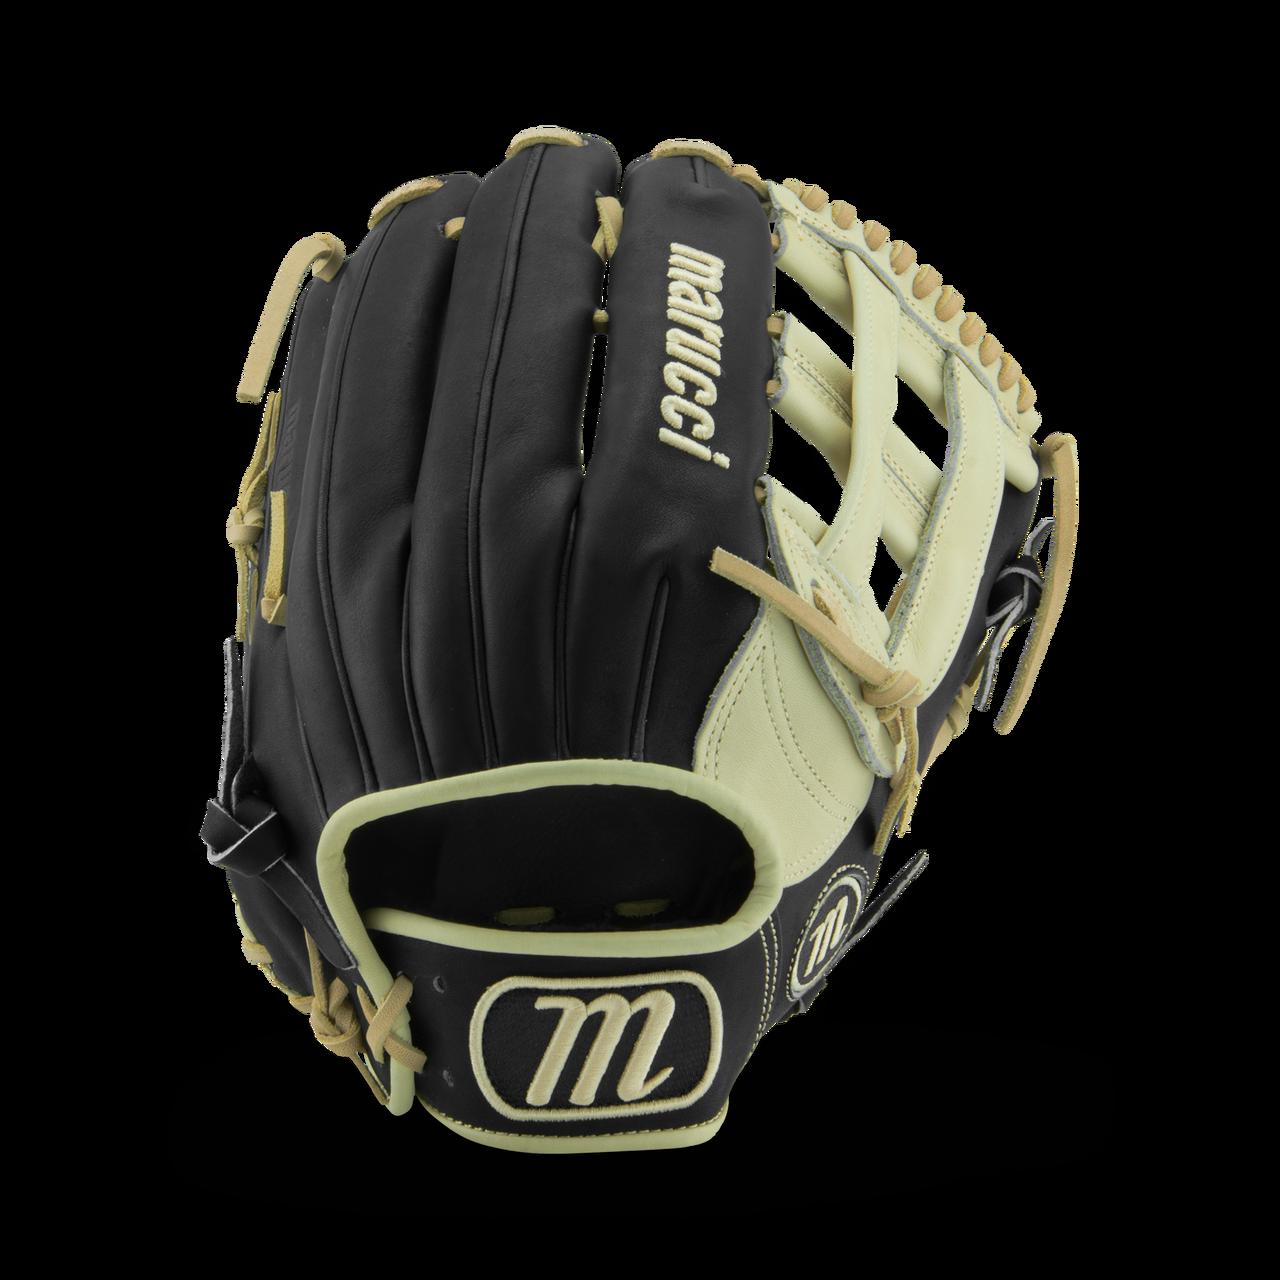 marucci baseball glove mfgfs1275h